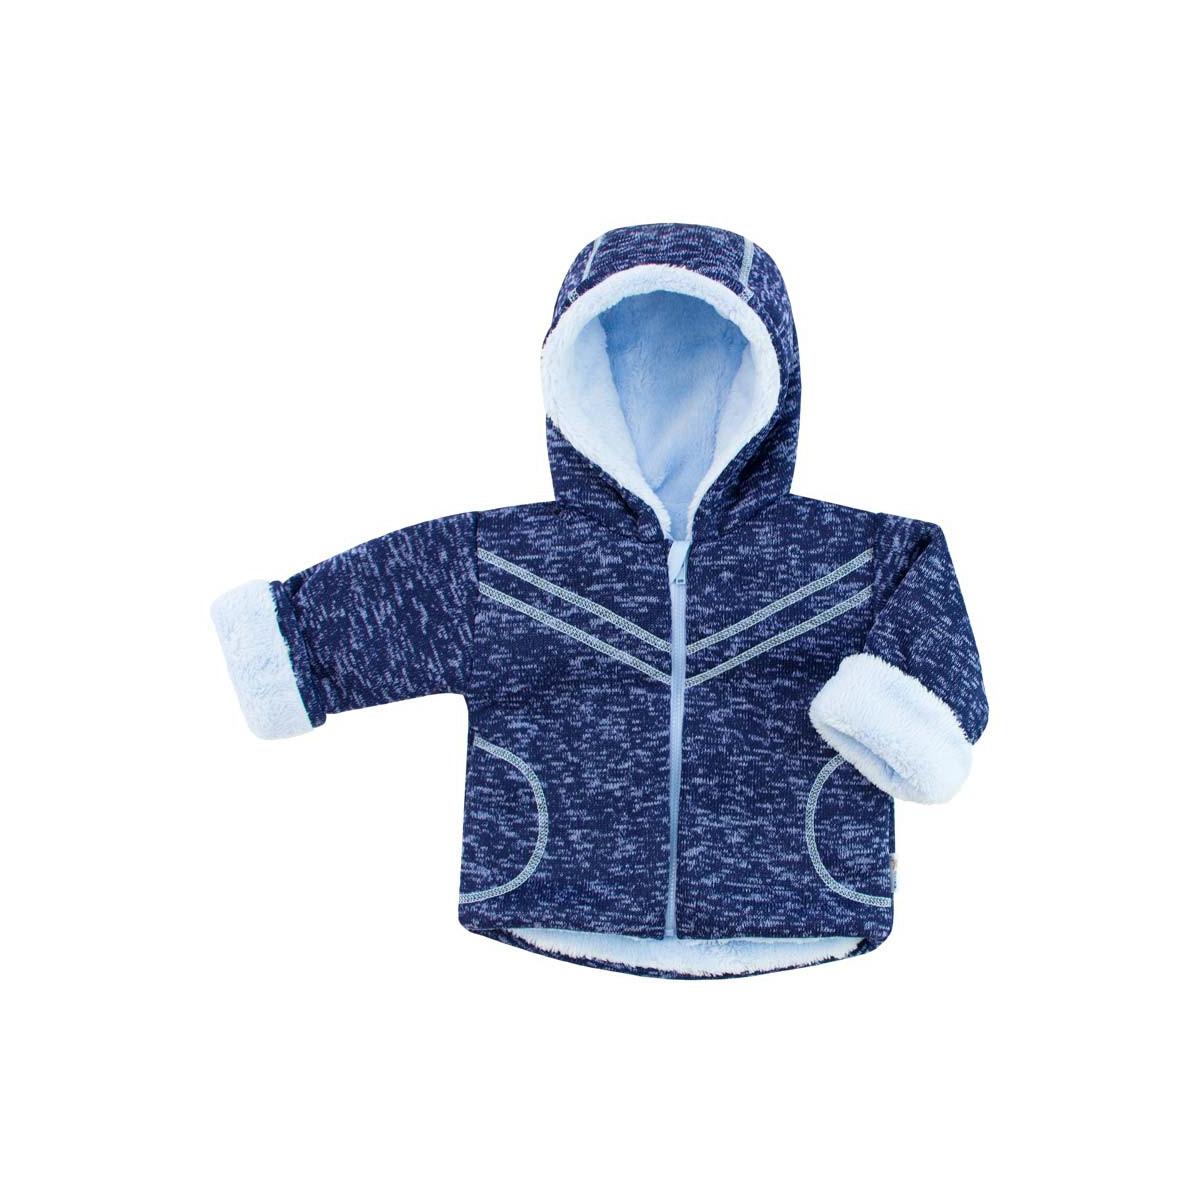 ESITO - Dětská zimní bunda Oliver 74 - 86 c908d47d07